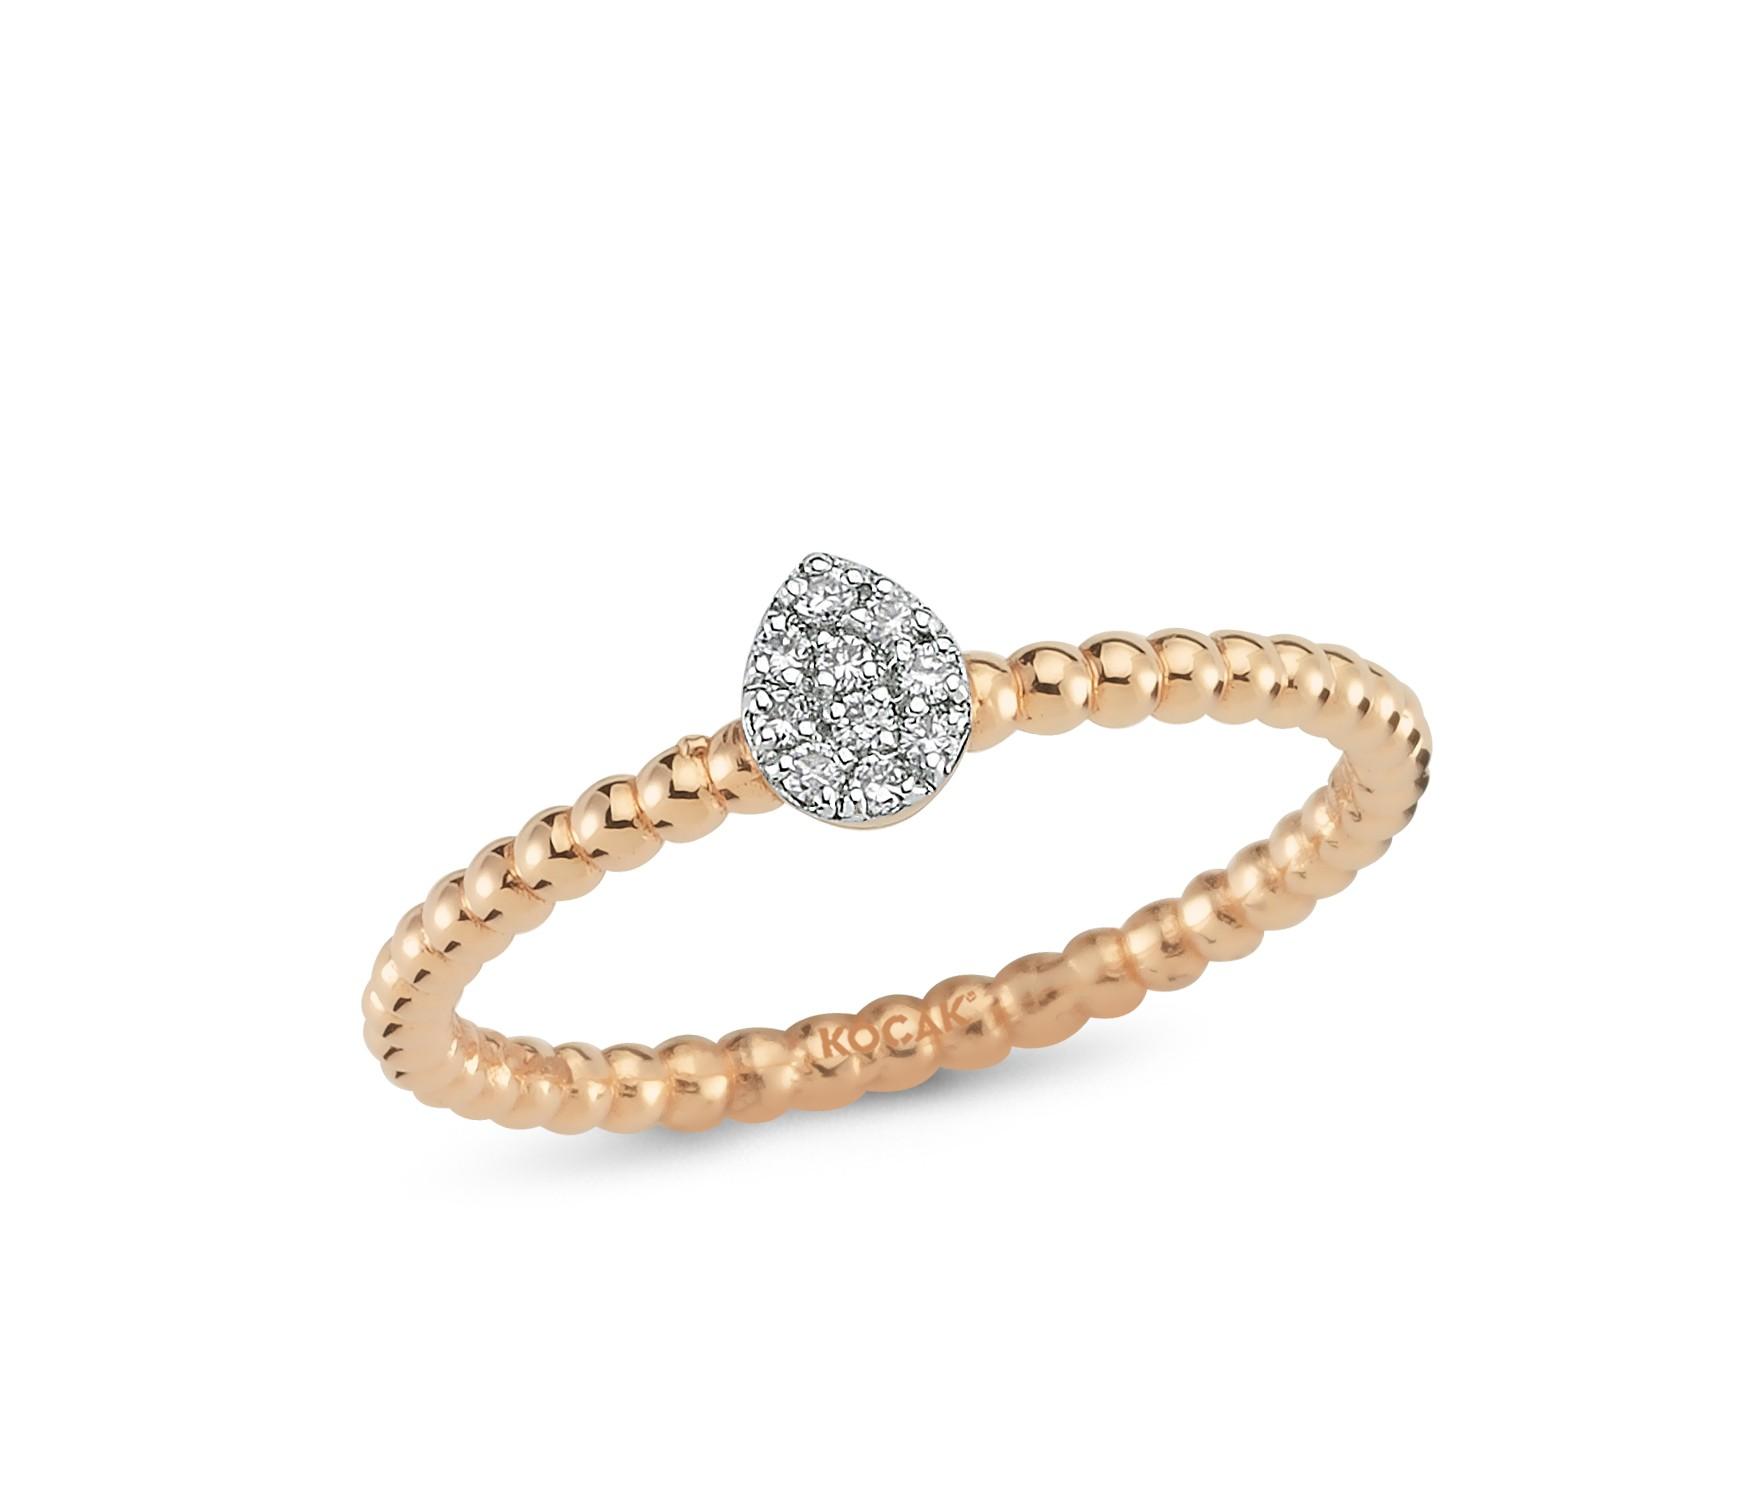 585 Kocak Roseold Ring | PIRLANTA ROSE YÜZÜK